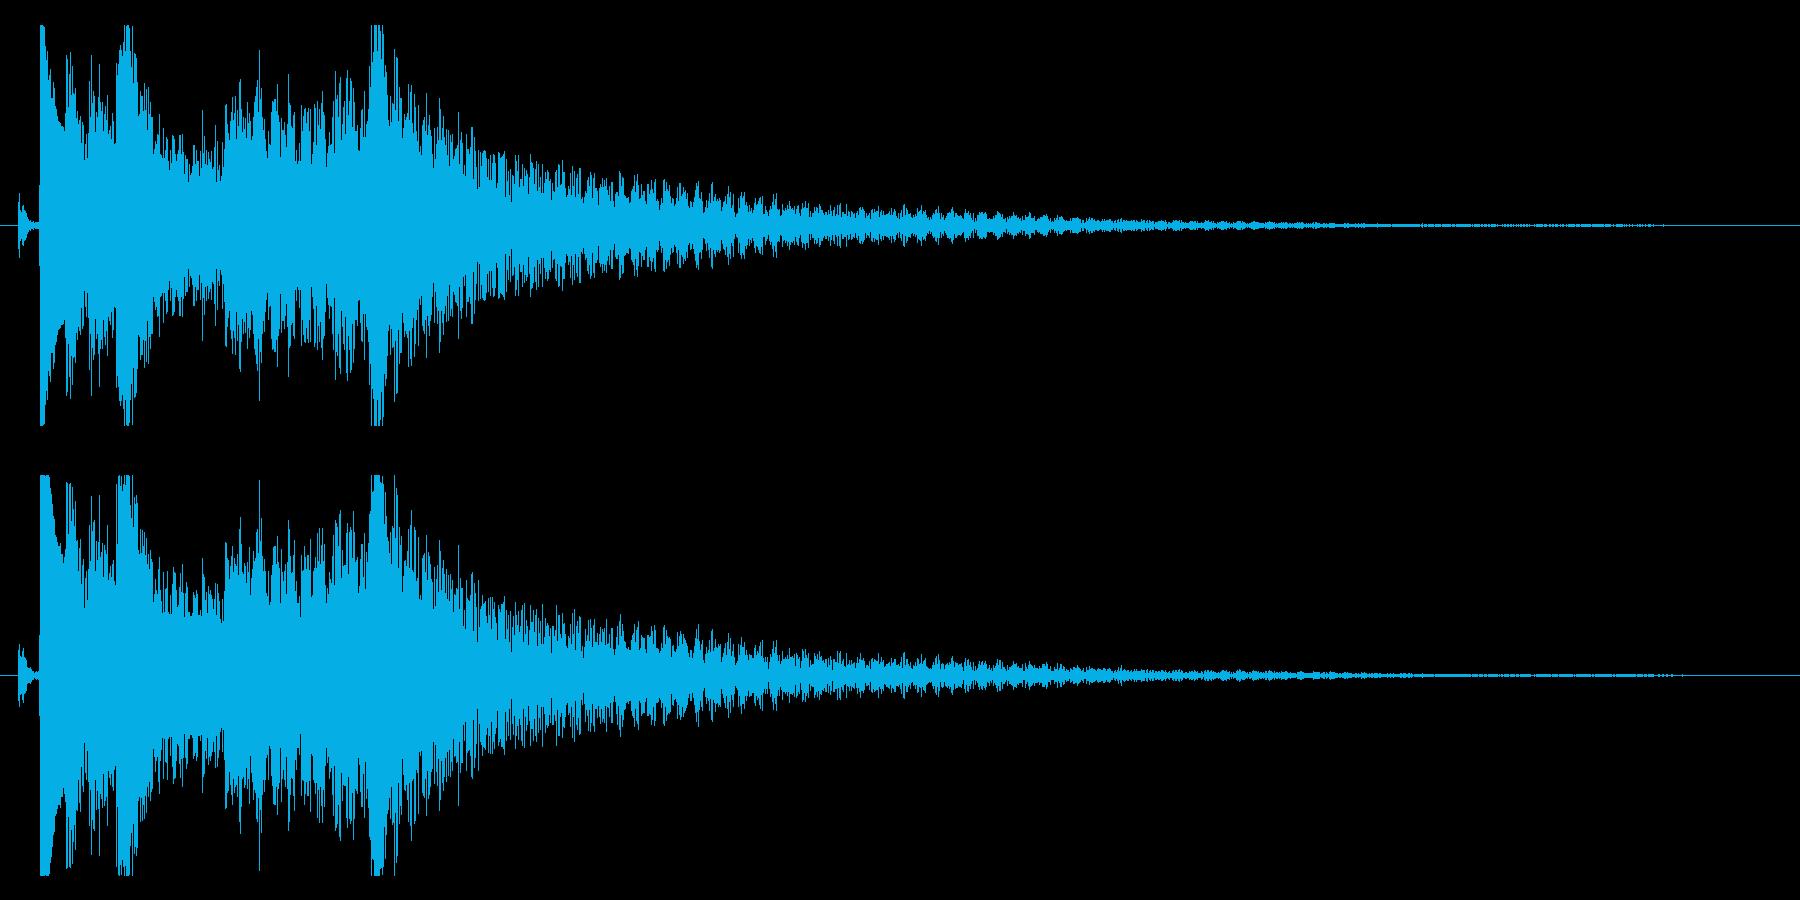 琴の駆け下がりの効果音の再生済みの波形